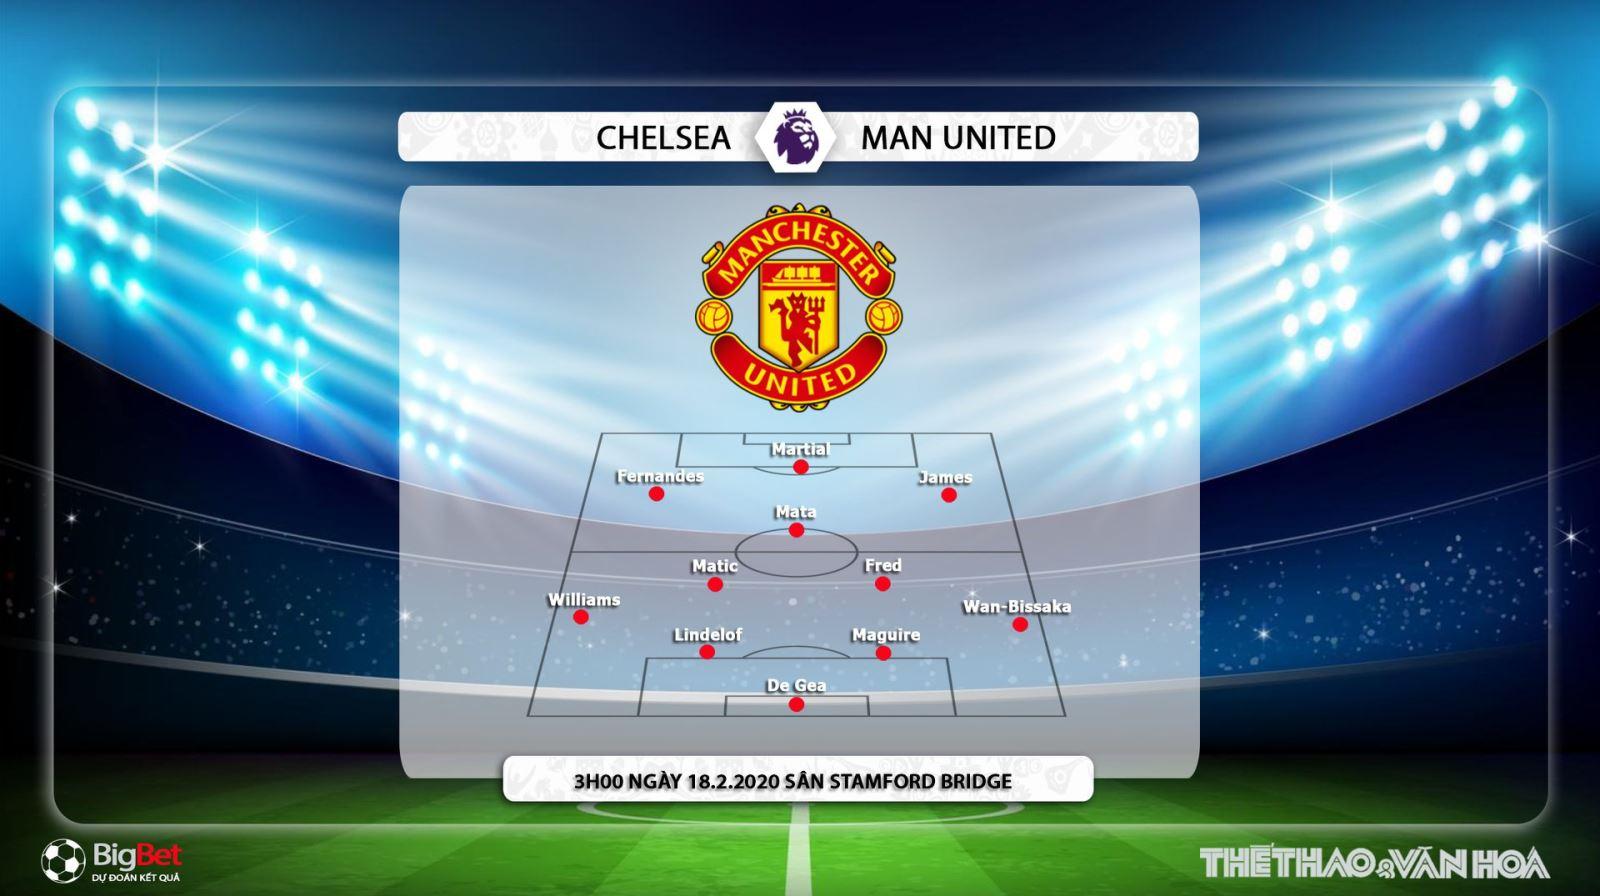 Chelsea vs MU, mu, chelsea, trực tiếp chelsea vs mu, manchester united, lịch thi đấu, trực tiếp bóng đá, bóng đá, ngoại hạng anh, K+PM, K+